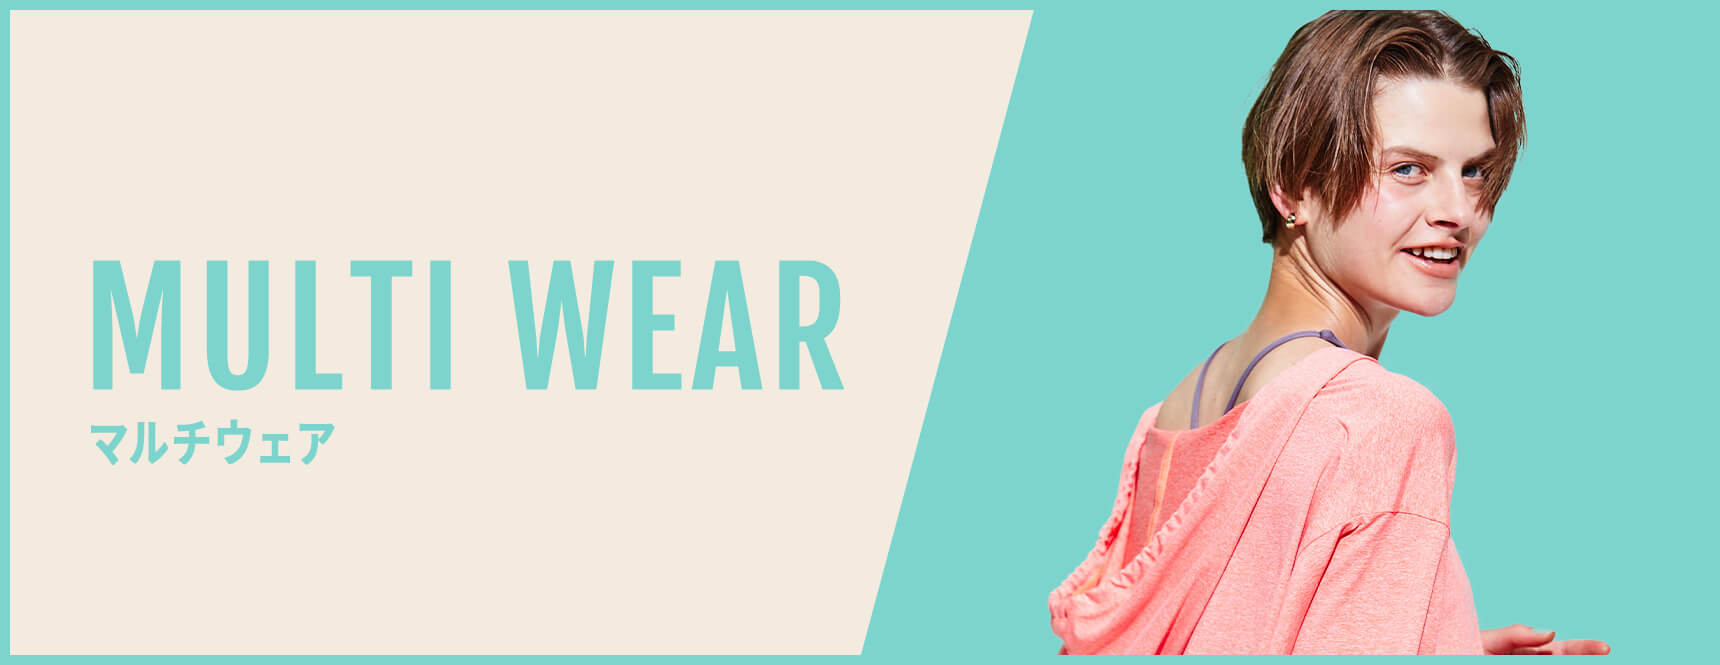 multi wear